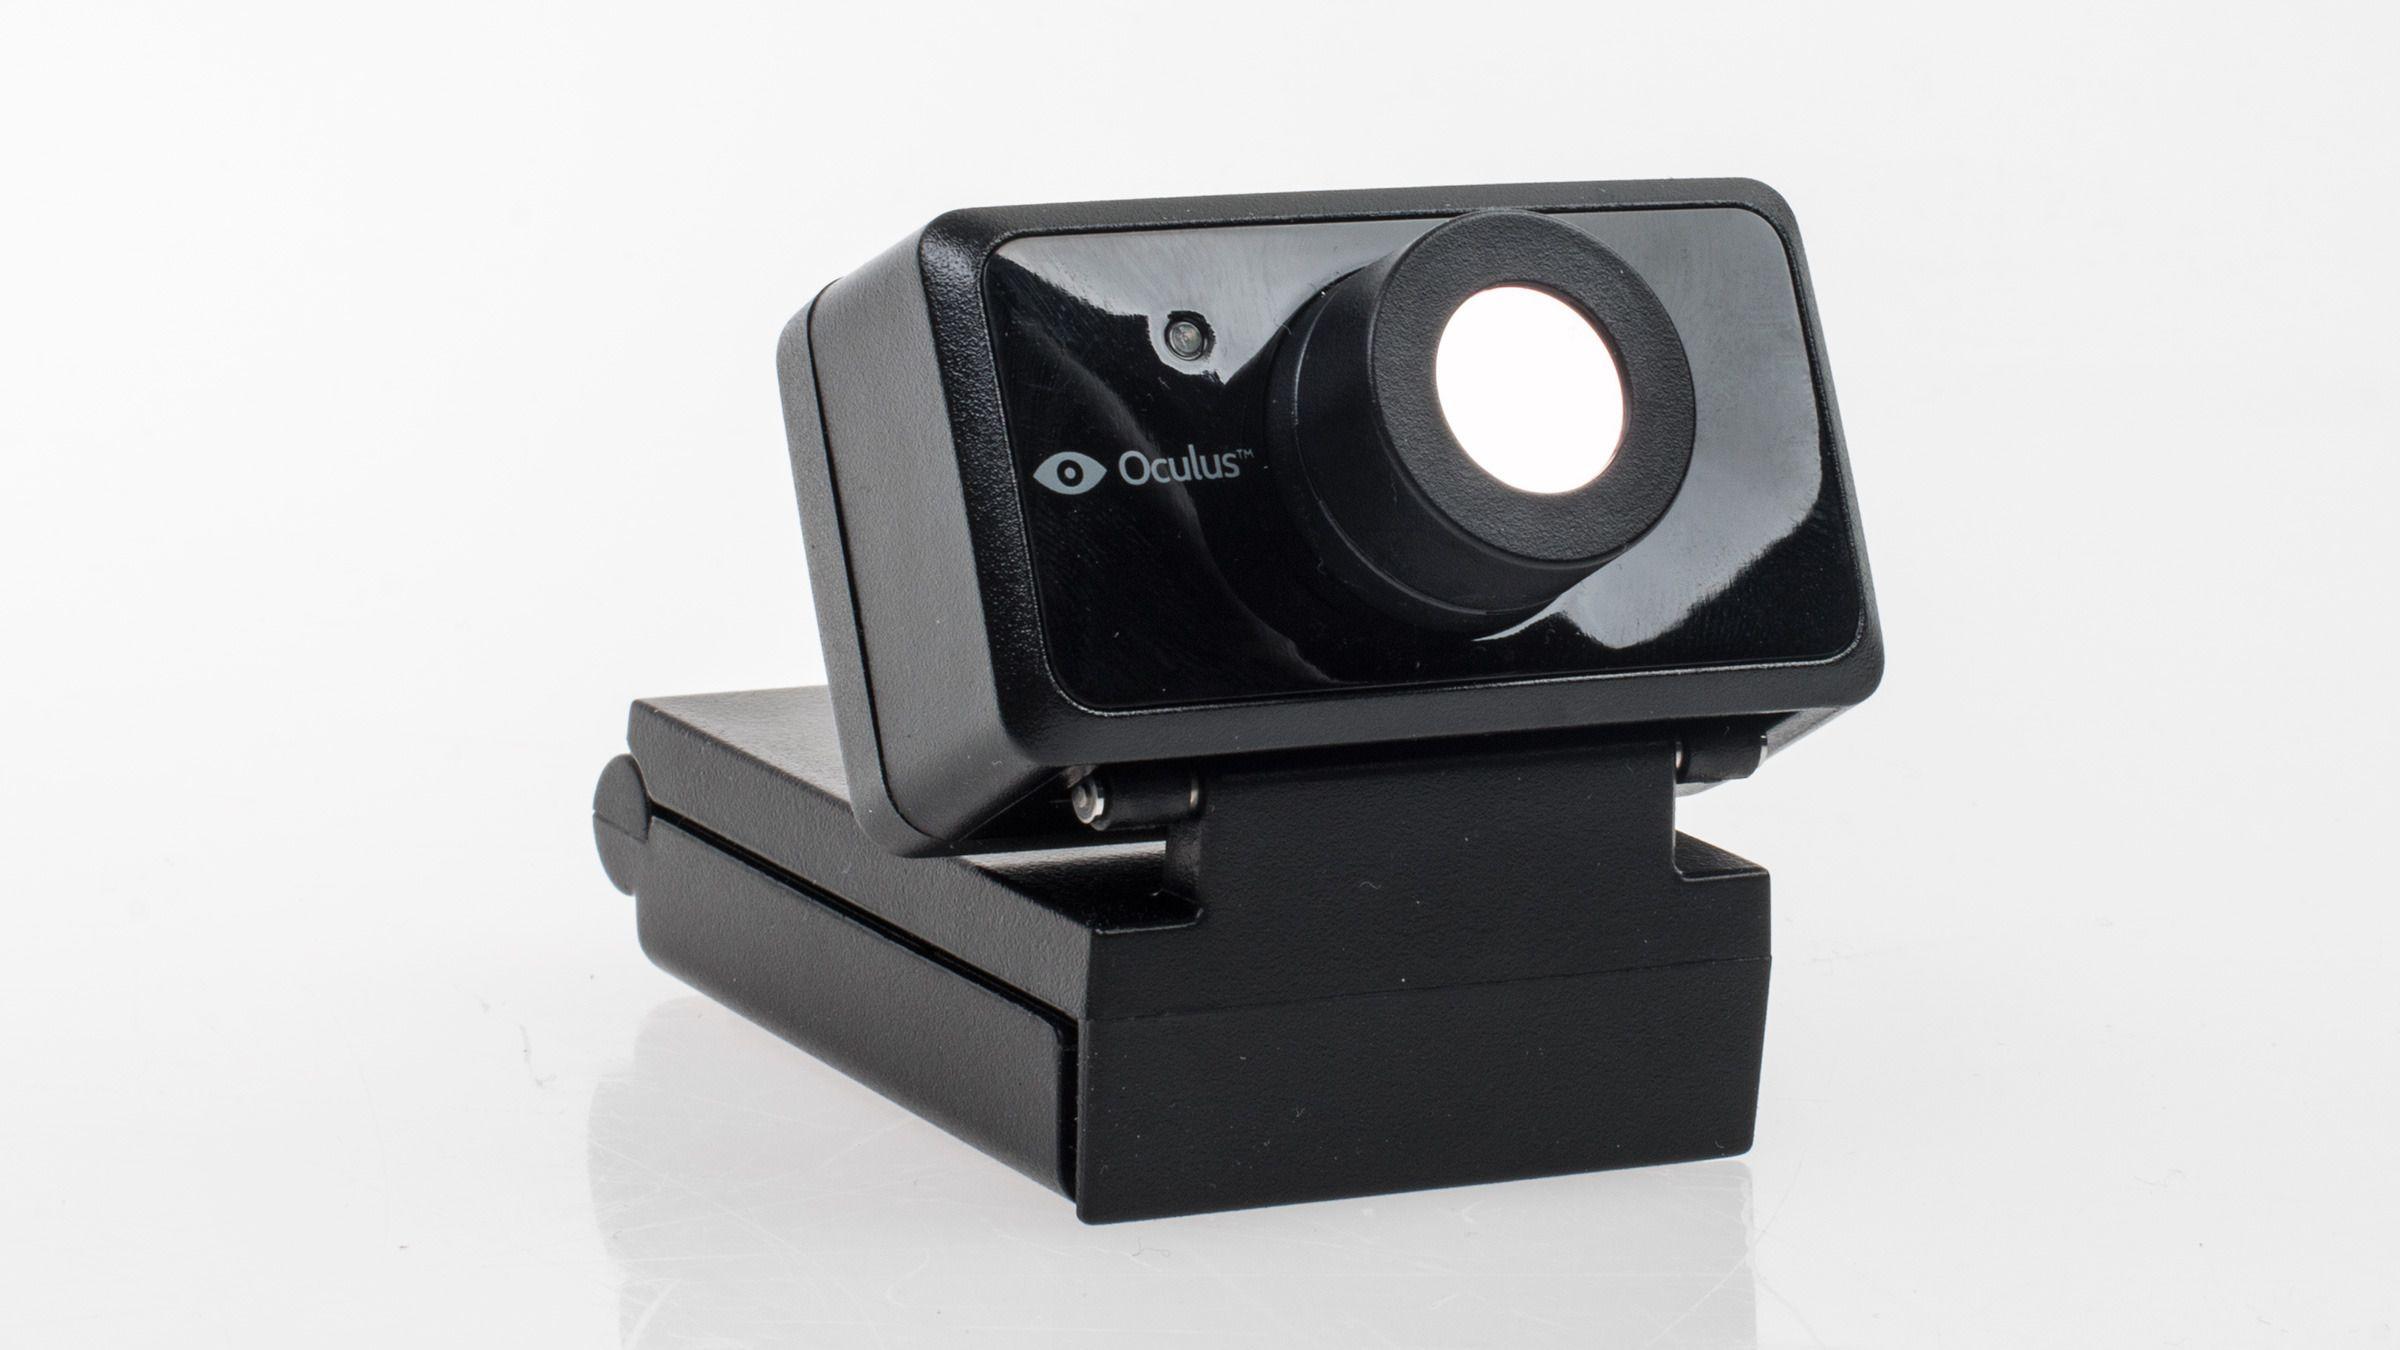 Der vanlige webkameraer som regel har en synlig linse, har bevegelsessporingen til Rift DK2 en speilblank, plan overflate. Den slipper imidlertid gjennom infrarødt lys, som er det som lar den følge med på hodebevegelsene til Rift-brukeren.Foto: Varg Aamo, Tek.no